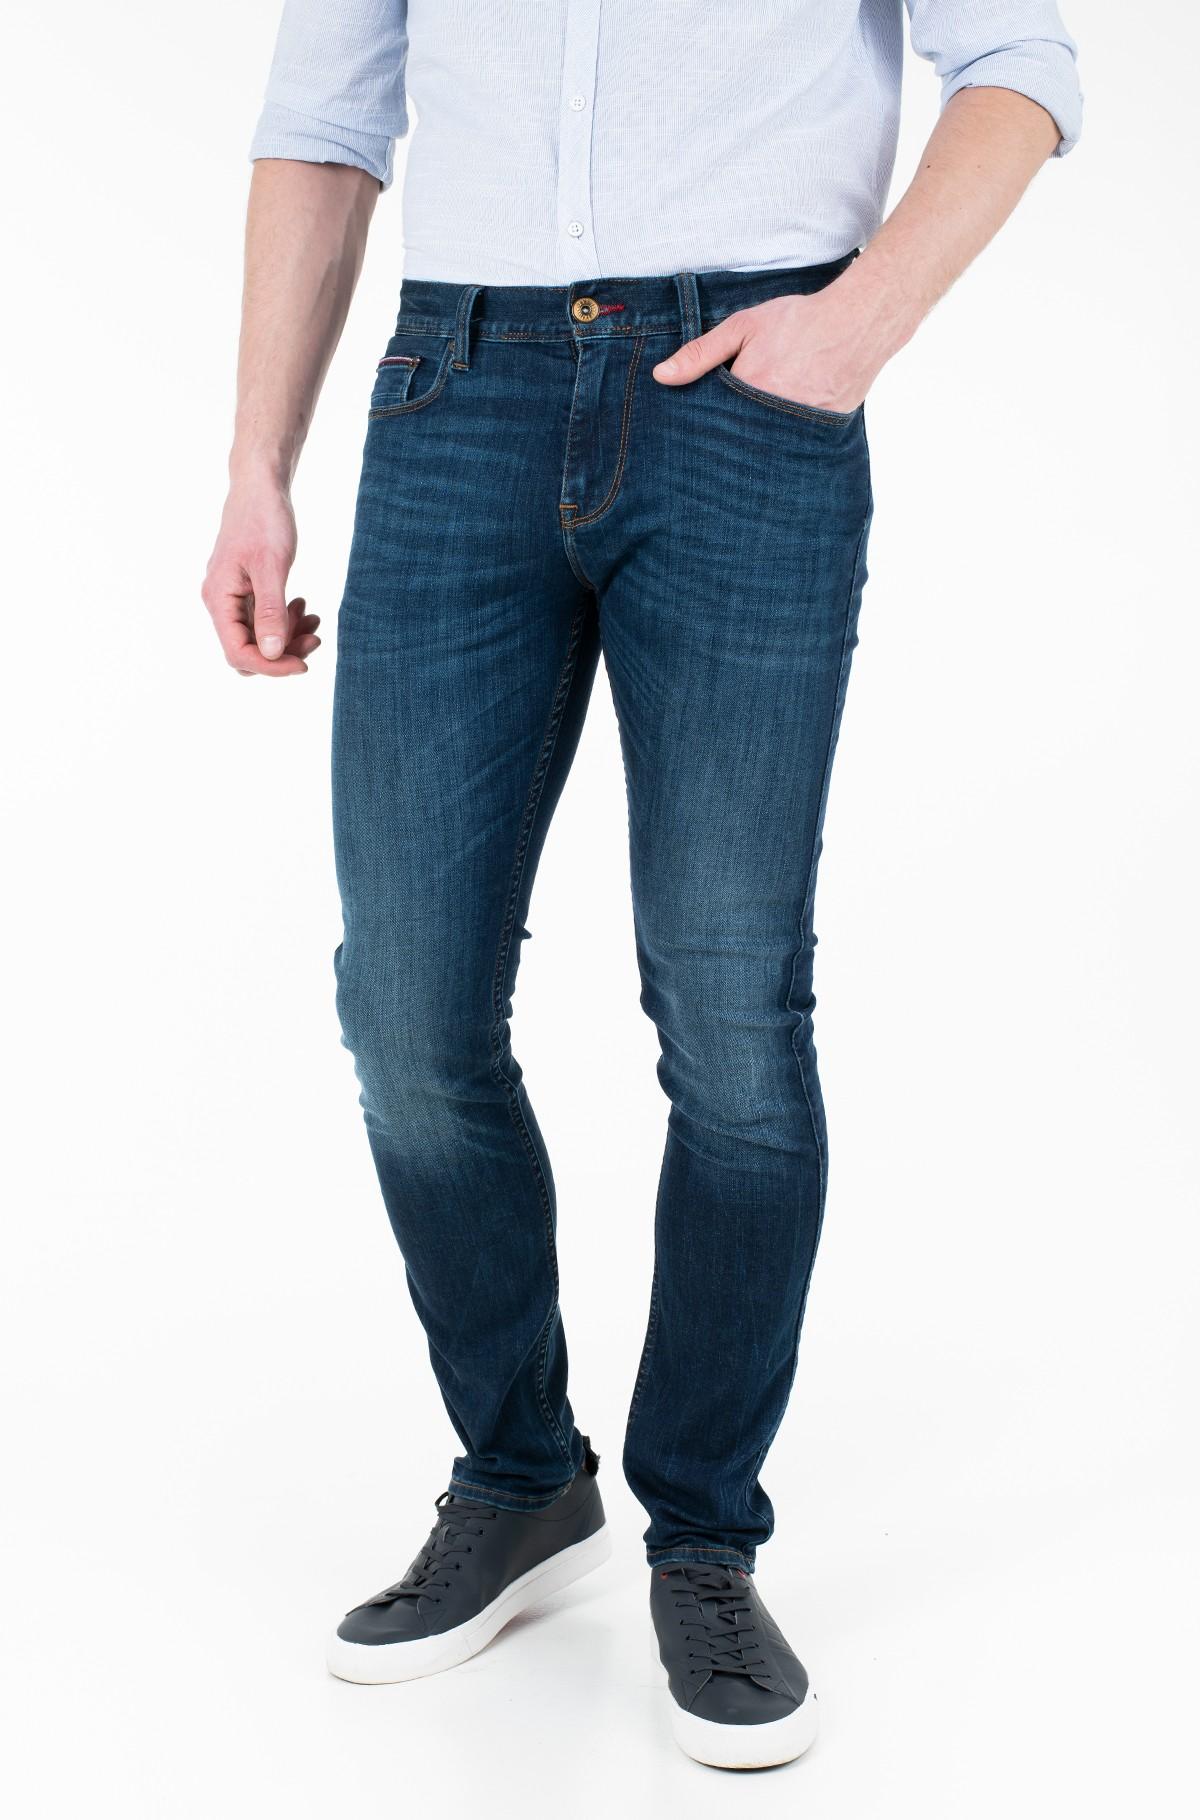 Džinsinės kelnės SKINNY LAYTON PSTR MISSOULA BLUE-full-1